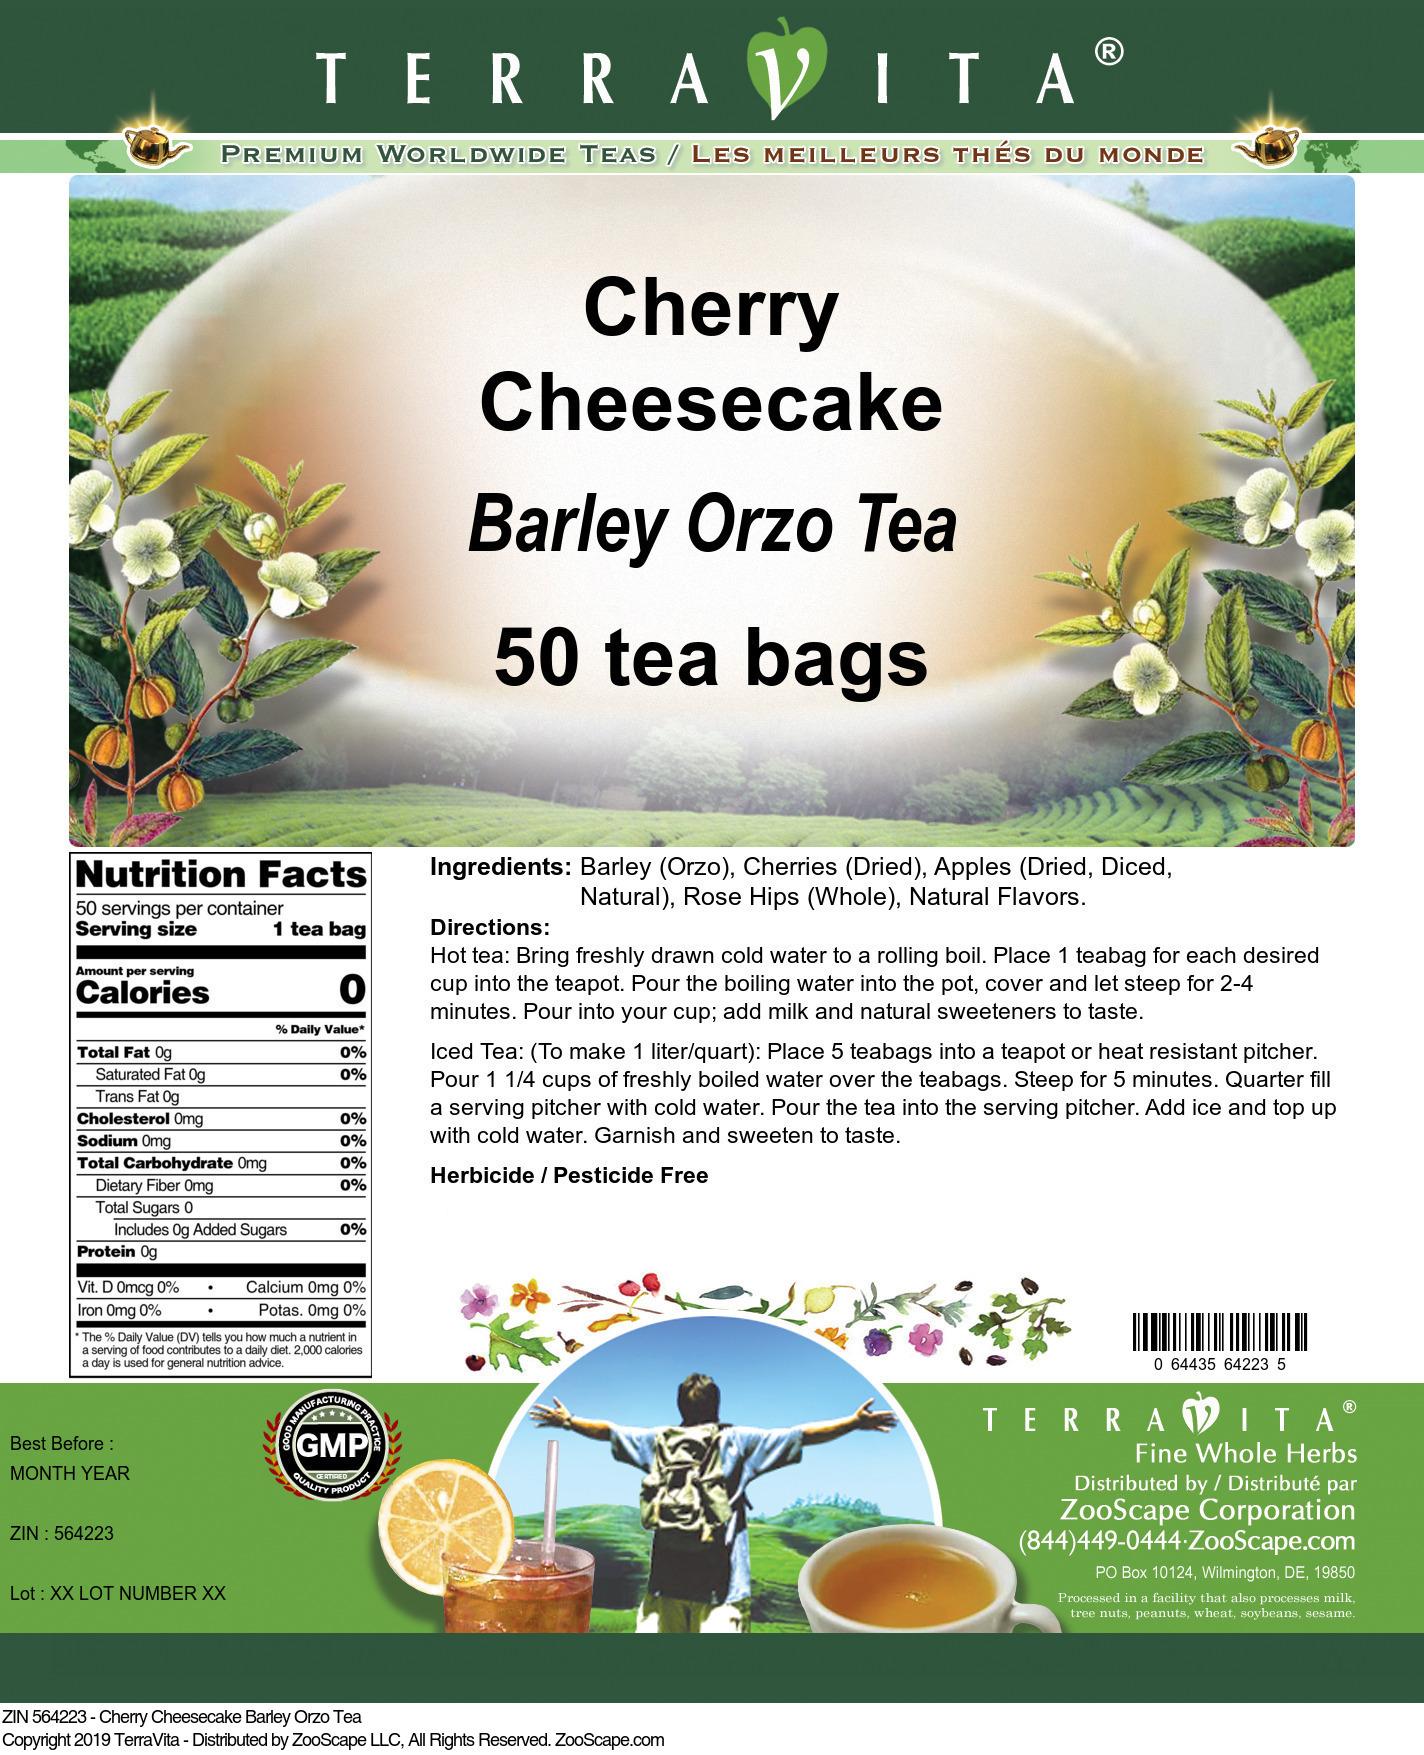 Cherry Cheesecake Barley Orzo